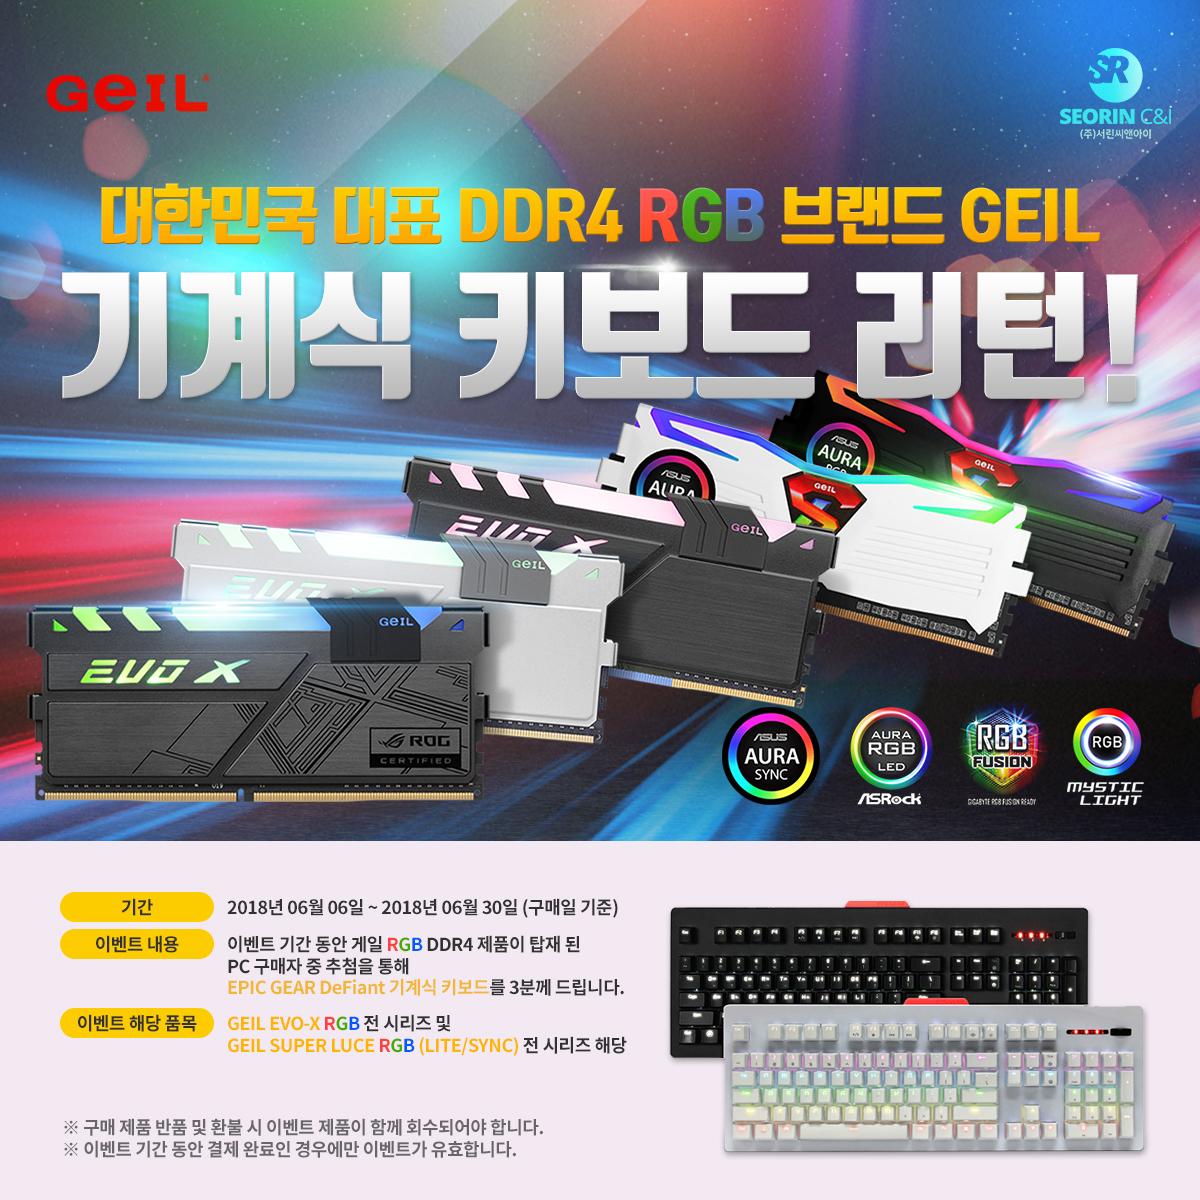 (주)서린씨앤아이 게일 DDR4 RGB LED 튜닝 메모리 탑재PC 구매자 추첨 경품 증정